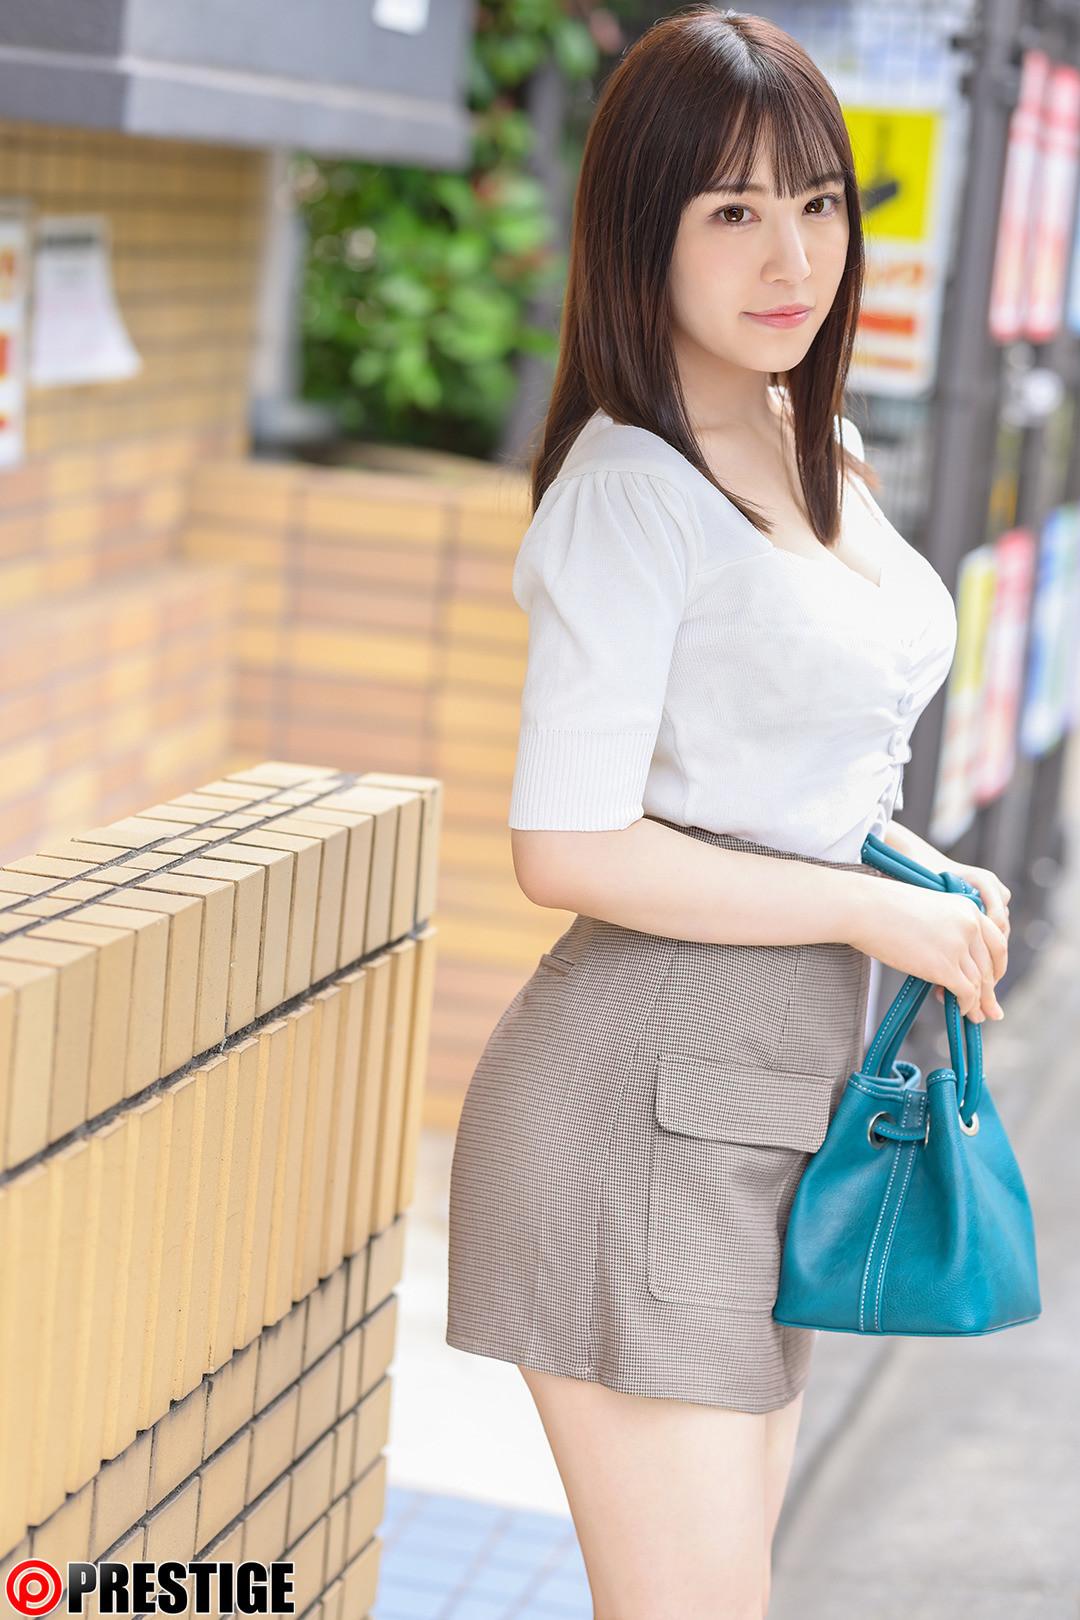 新・絶対的美少女、お貸しします。 ACT.106 時田萌々(AV女優)20歳。